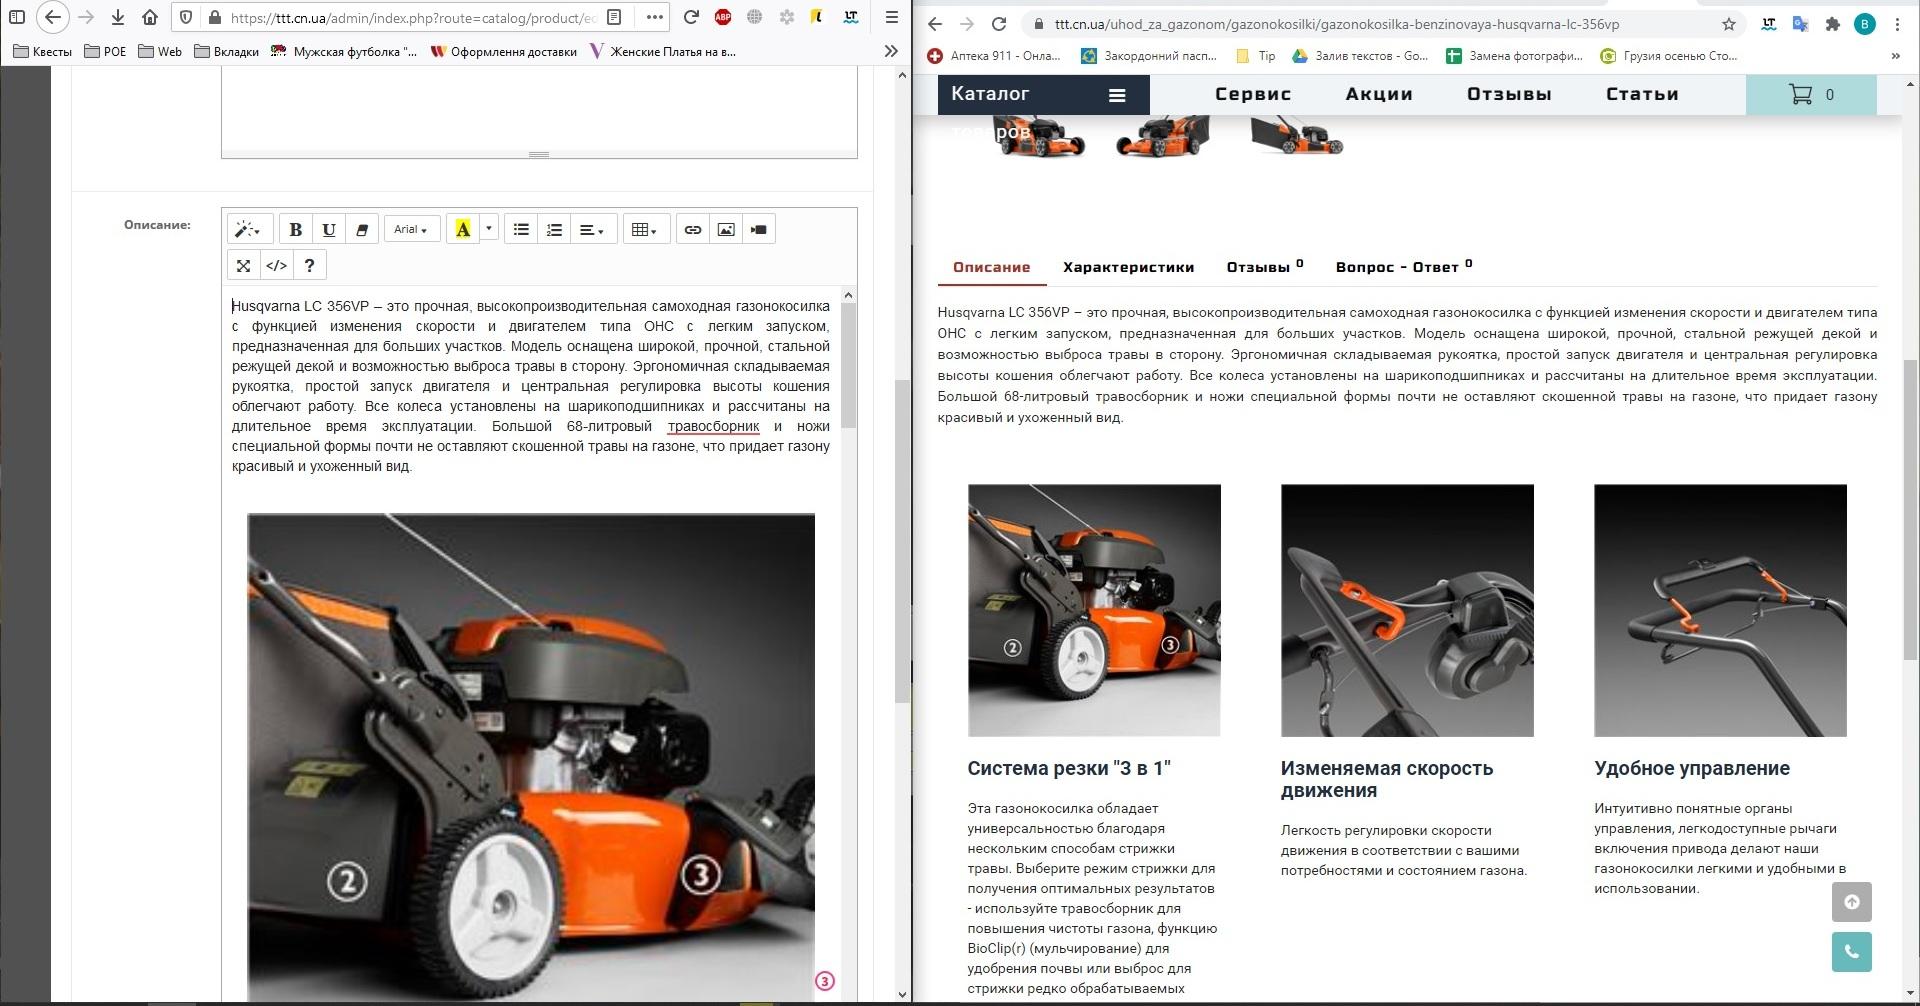 Фото Наполнение сайта с инструментами для улицы и для строительства. Наполнение характеристик с дополнительными функциями товара, добавление фото.